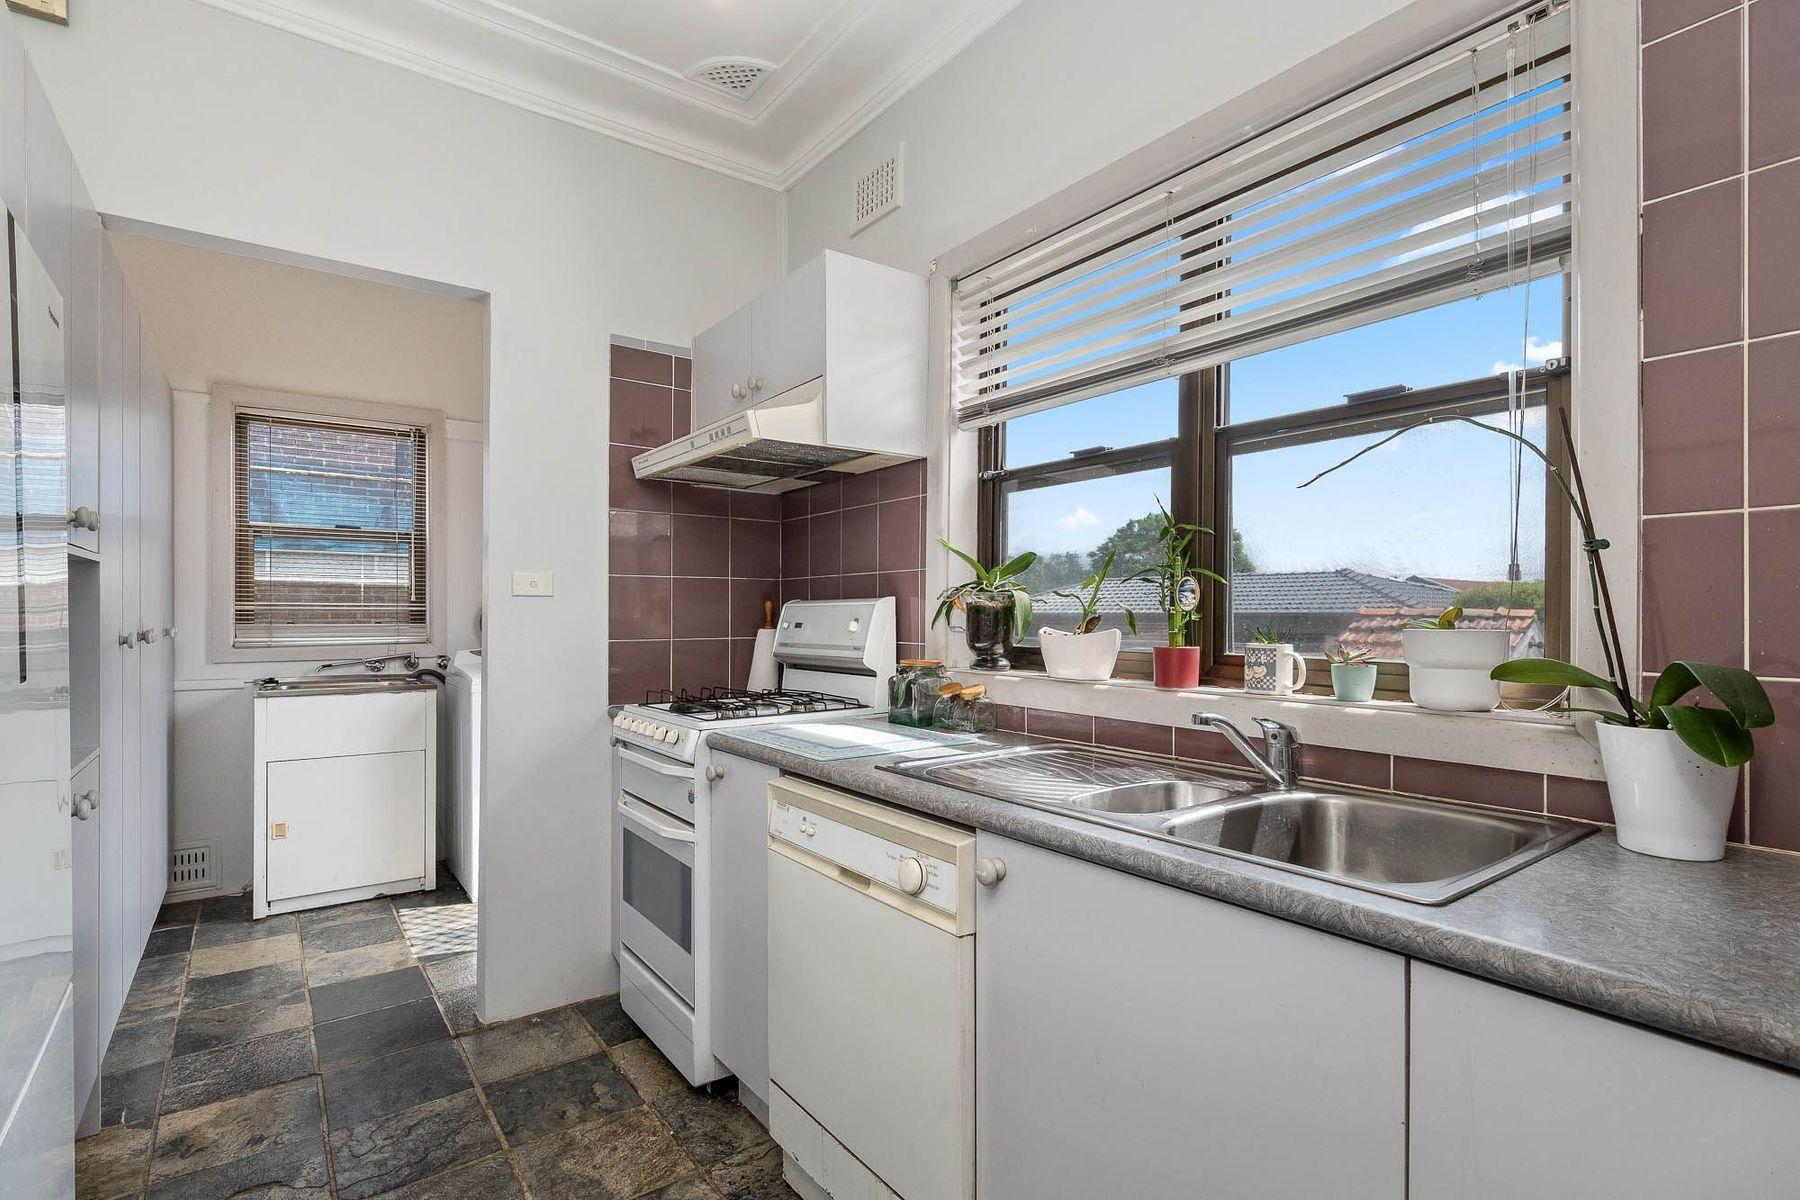 52 Edna Avenue, Merrylands, NSW 2160